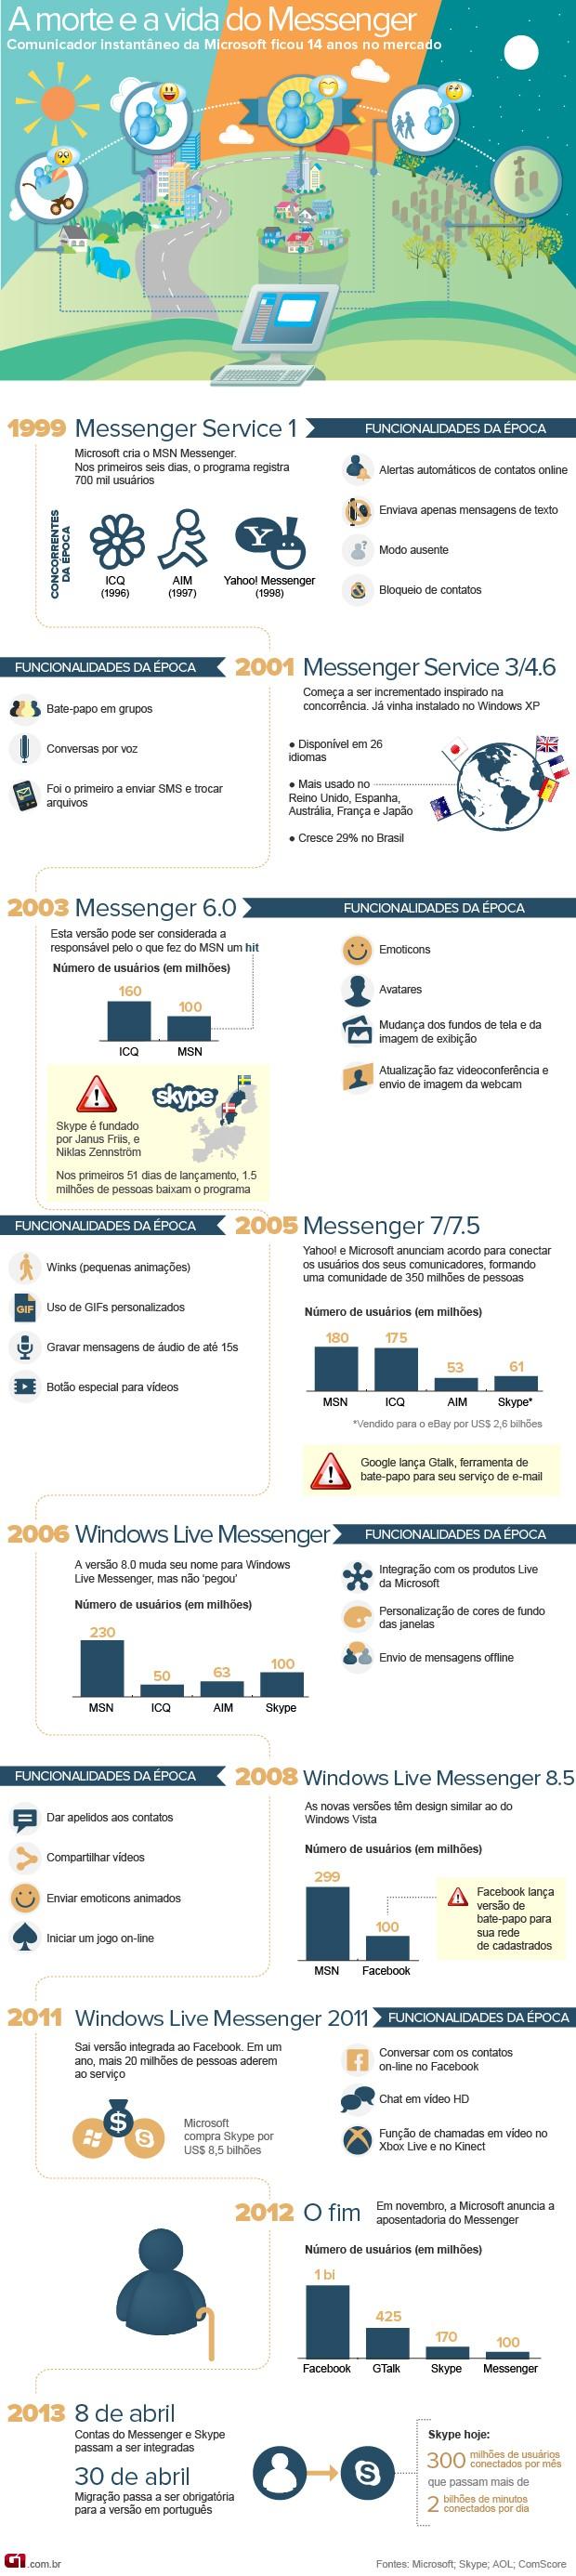 Vida e morte do MSN Messenger: veja a história do comunicador da Microsoft (Foto: Arte/G1)